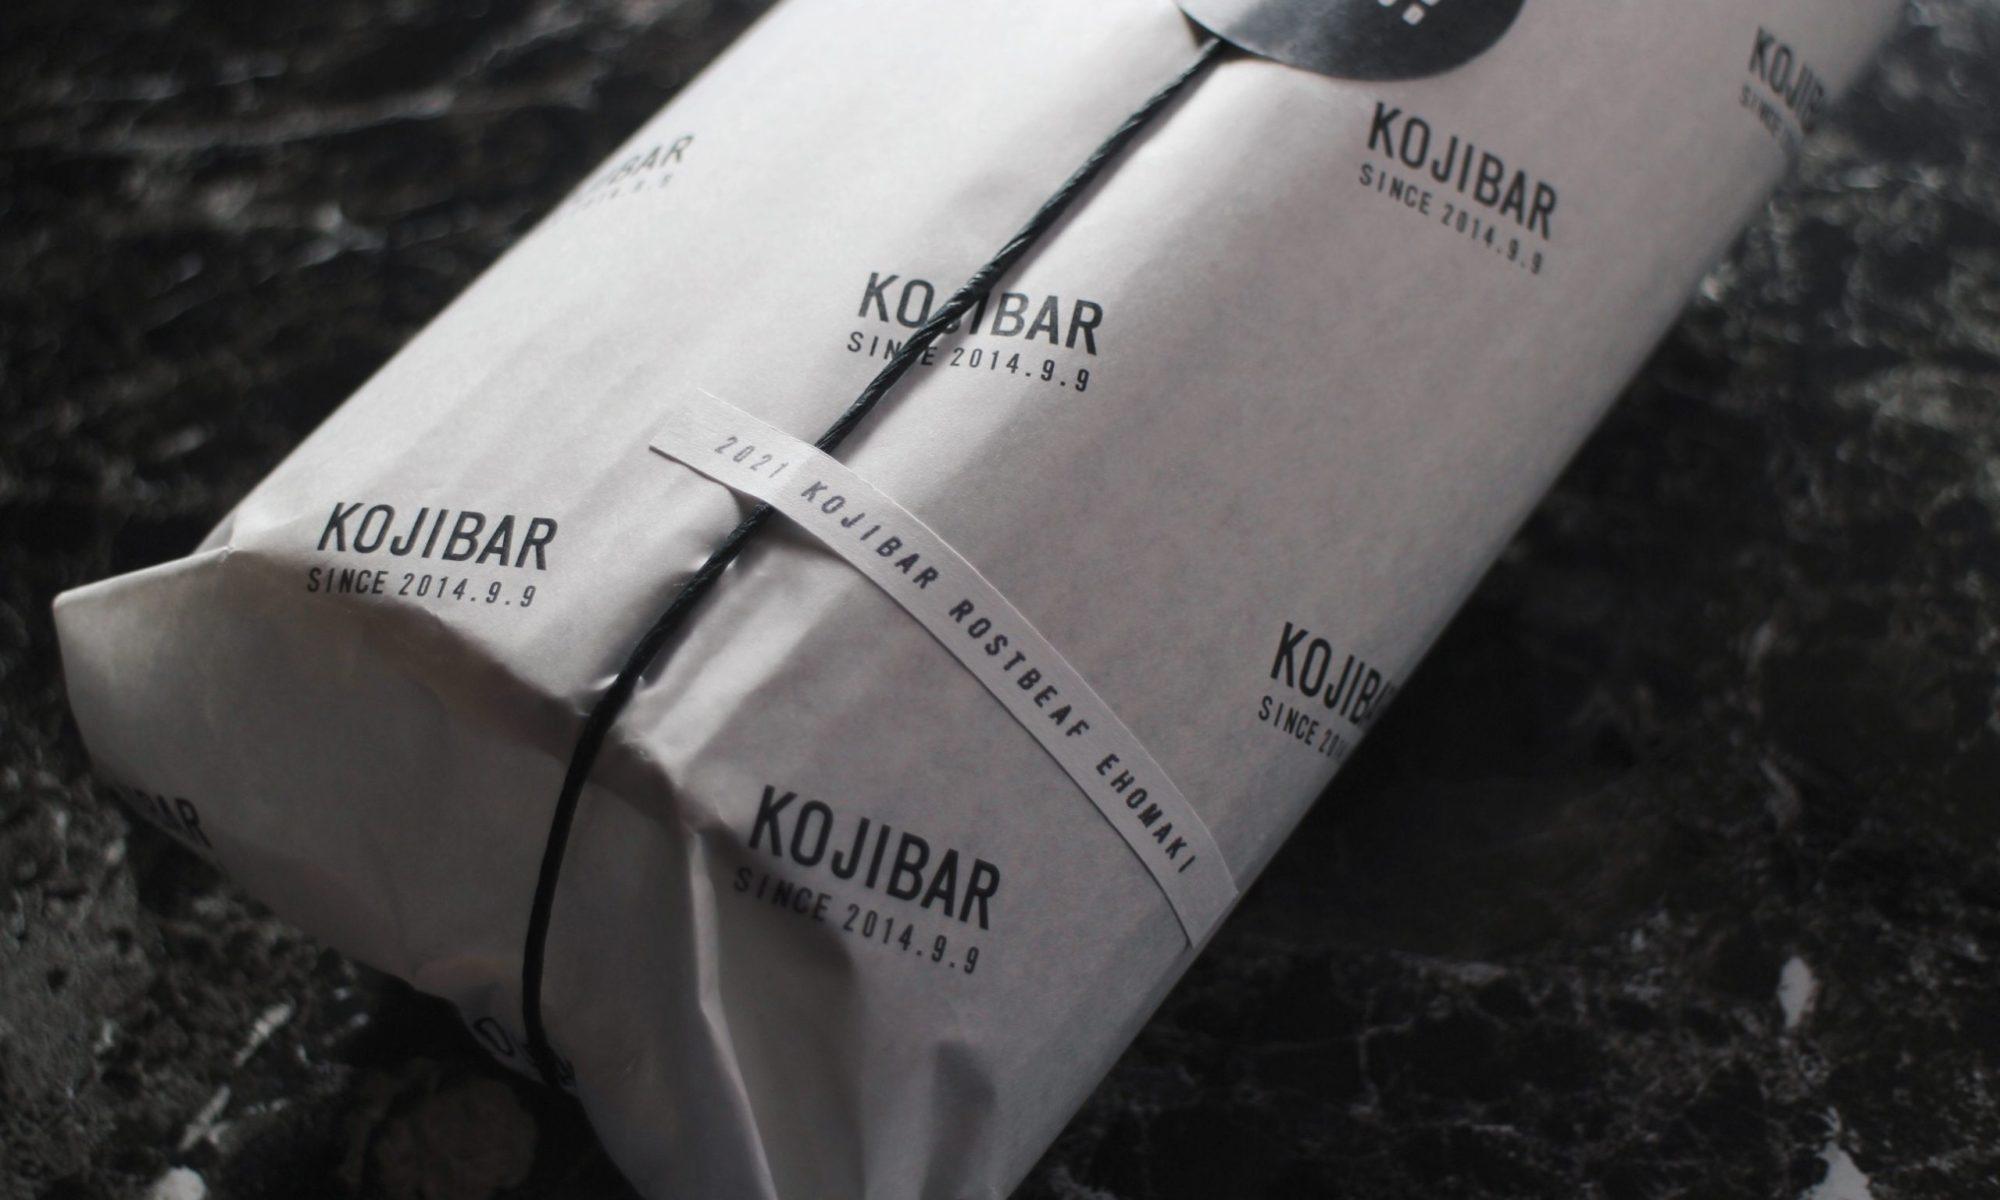 KOJIBAR